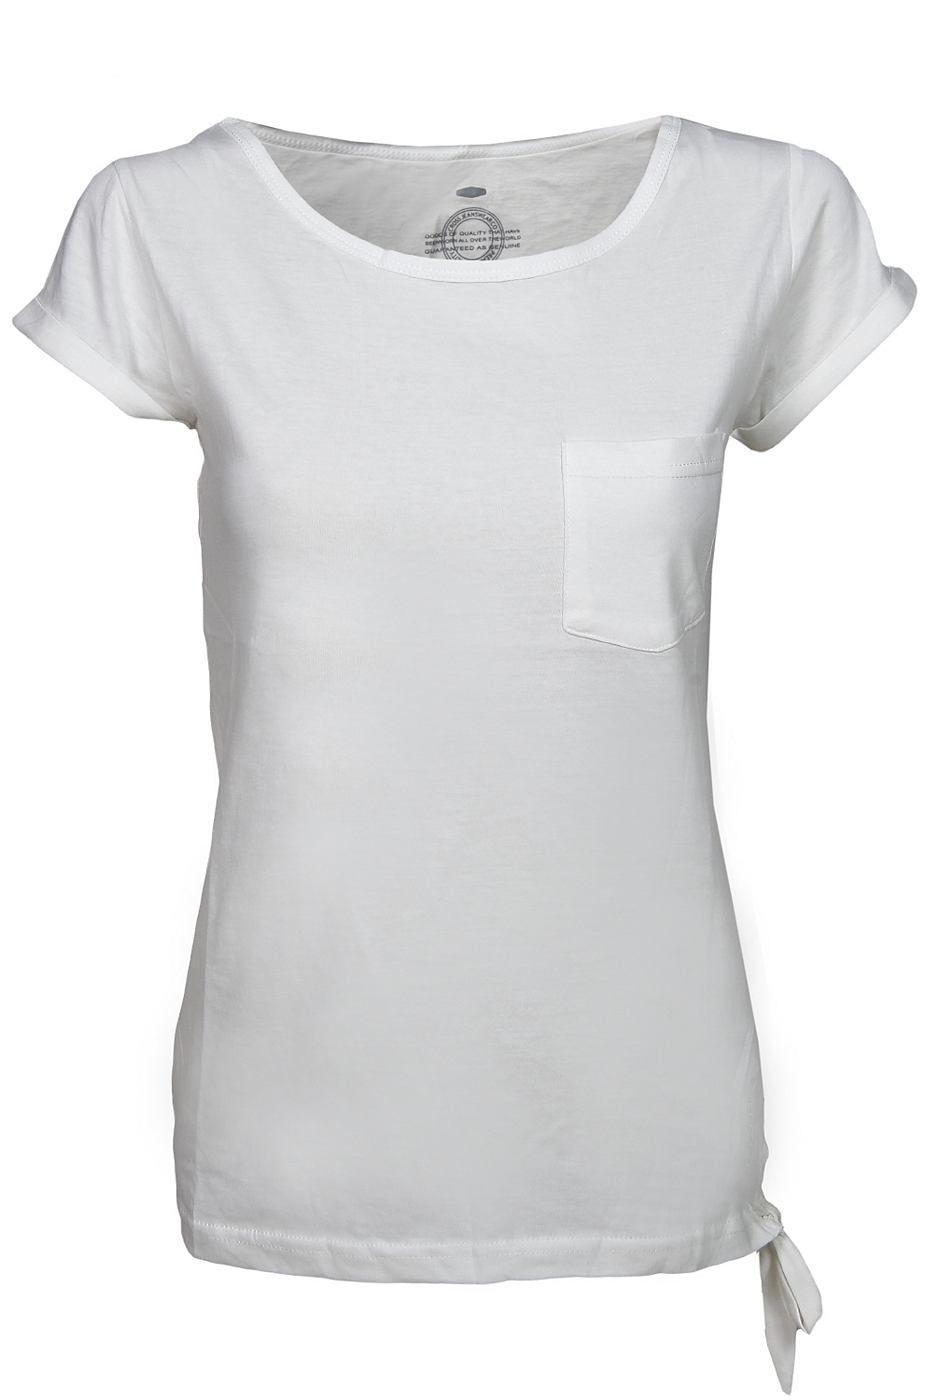 Das besondere Basic T-Shirt mit Rundhalsausschnitt fr den Sommer. Schlaufen-Details, gekrmpelte rmel und kleine Fronttasche machen dieses T-Shirt dennoch zu einem Highlight Material: 100% Baumwolle...